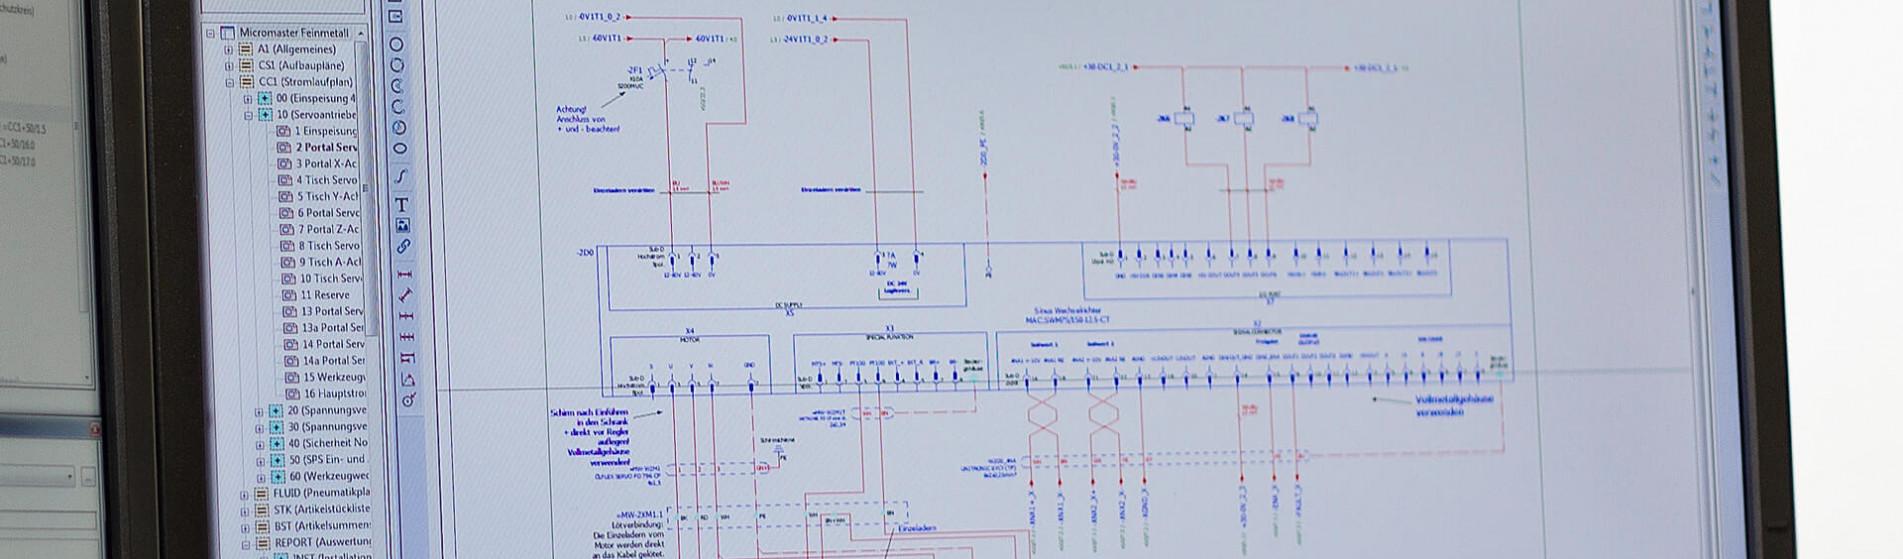 Wiring Diagram Creation Elektro Mack Gmbh Motor Schaltplanerstellung Eine Sichere Und Bersichtliche Dokumentation